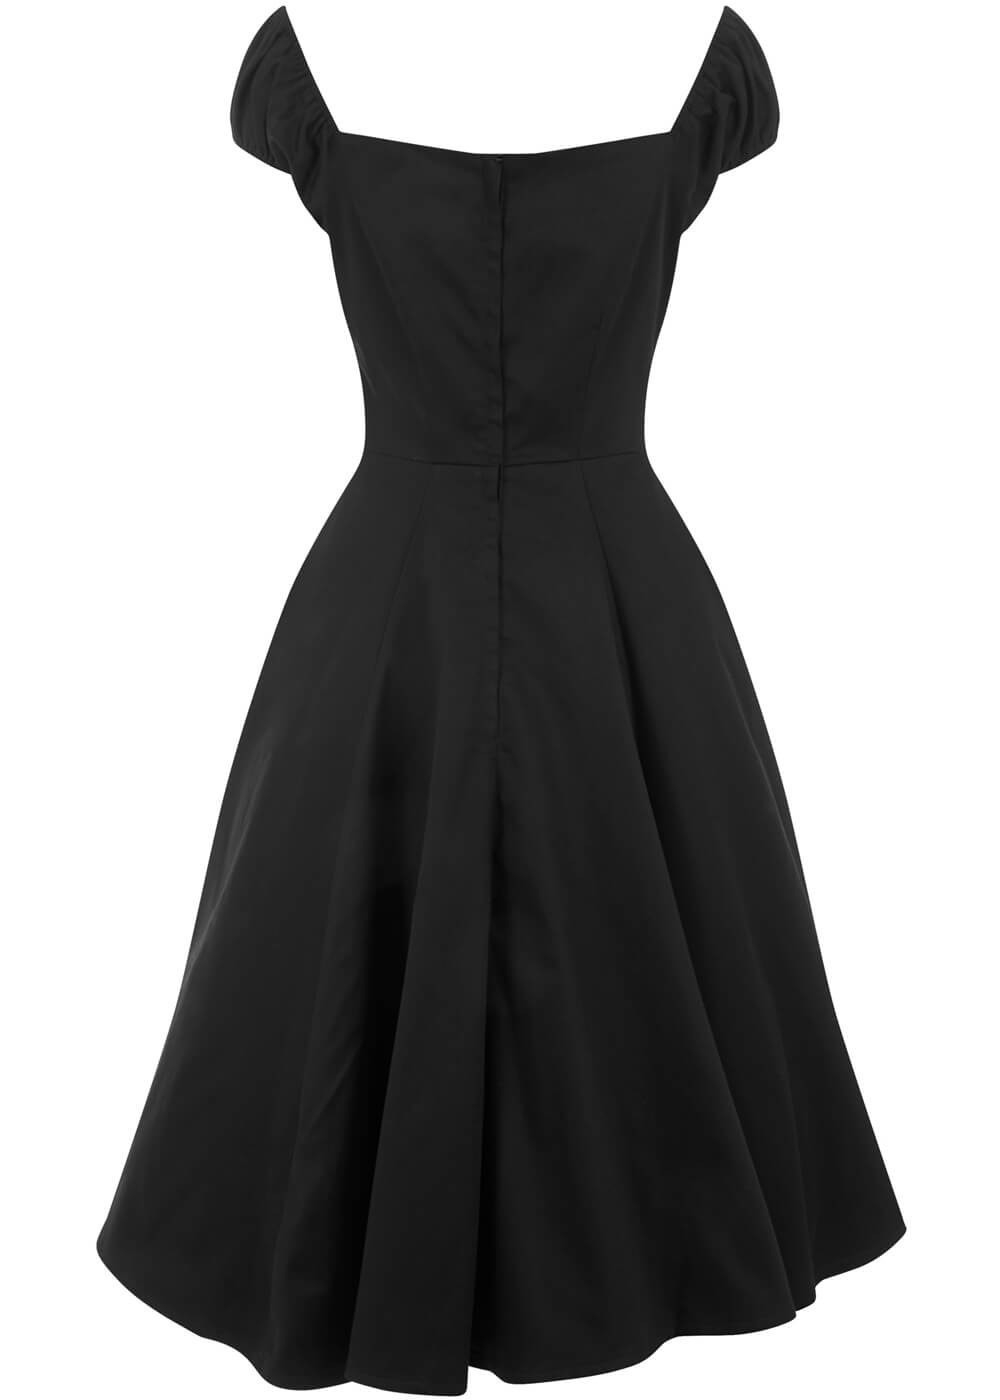 13 Spektakulär Kleider In Schwarz BoutiqueAbend Cool Kleider In Schwarz Bester Preis